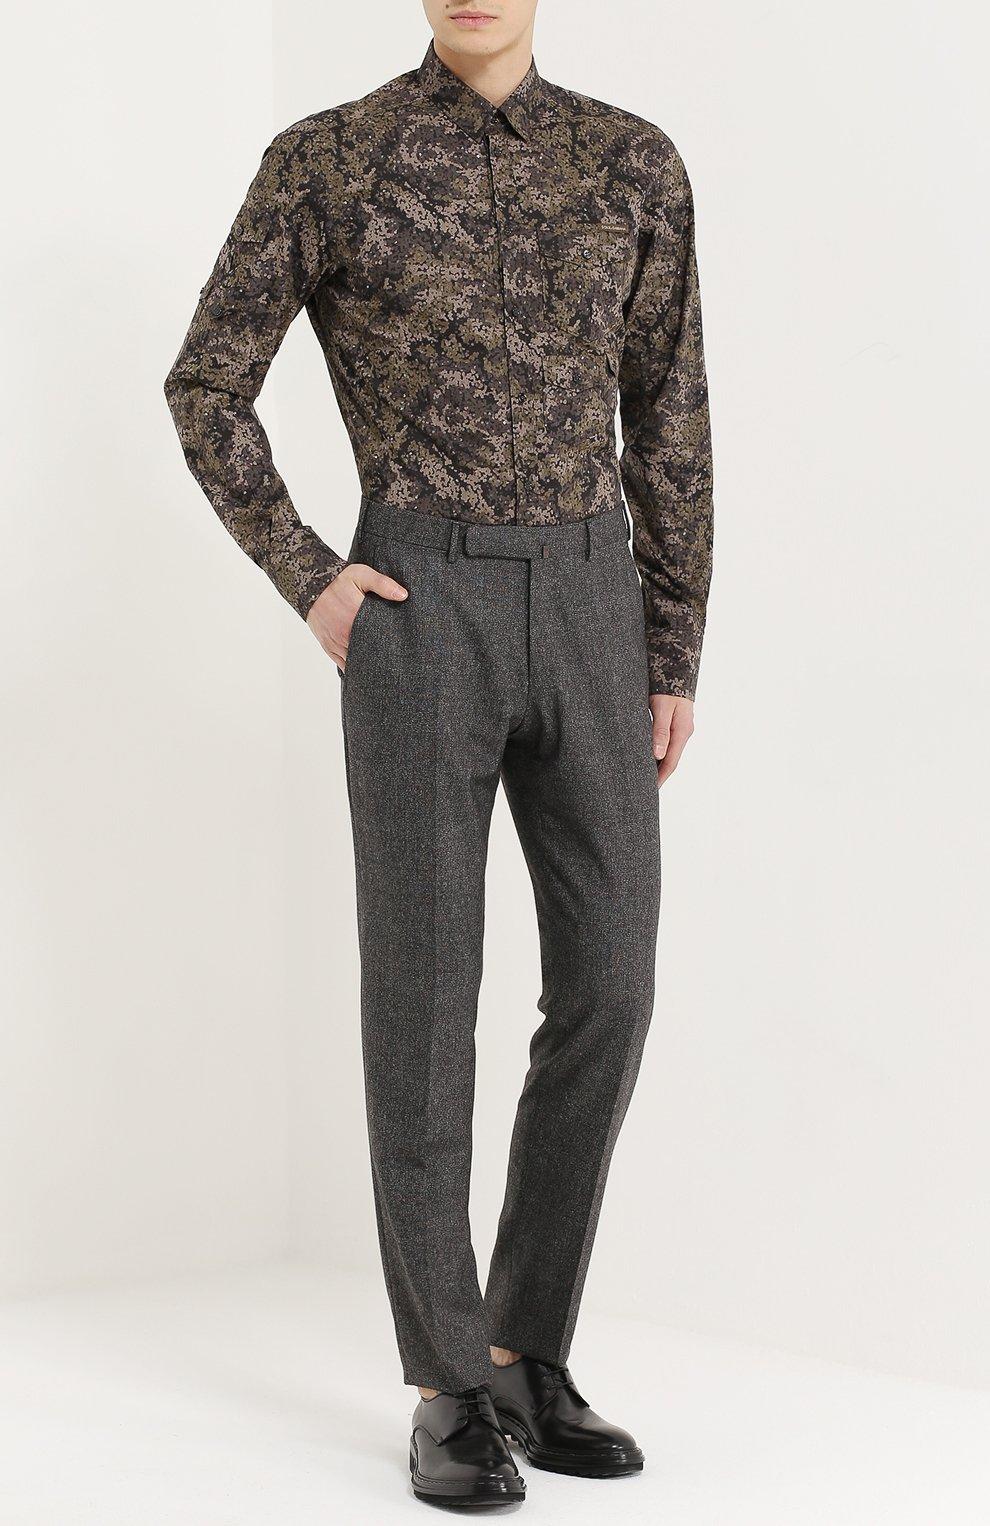 Хлопковая рубашка с камуфляжным принтом Dolce & Gabbana хаки | Фото №2